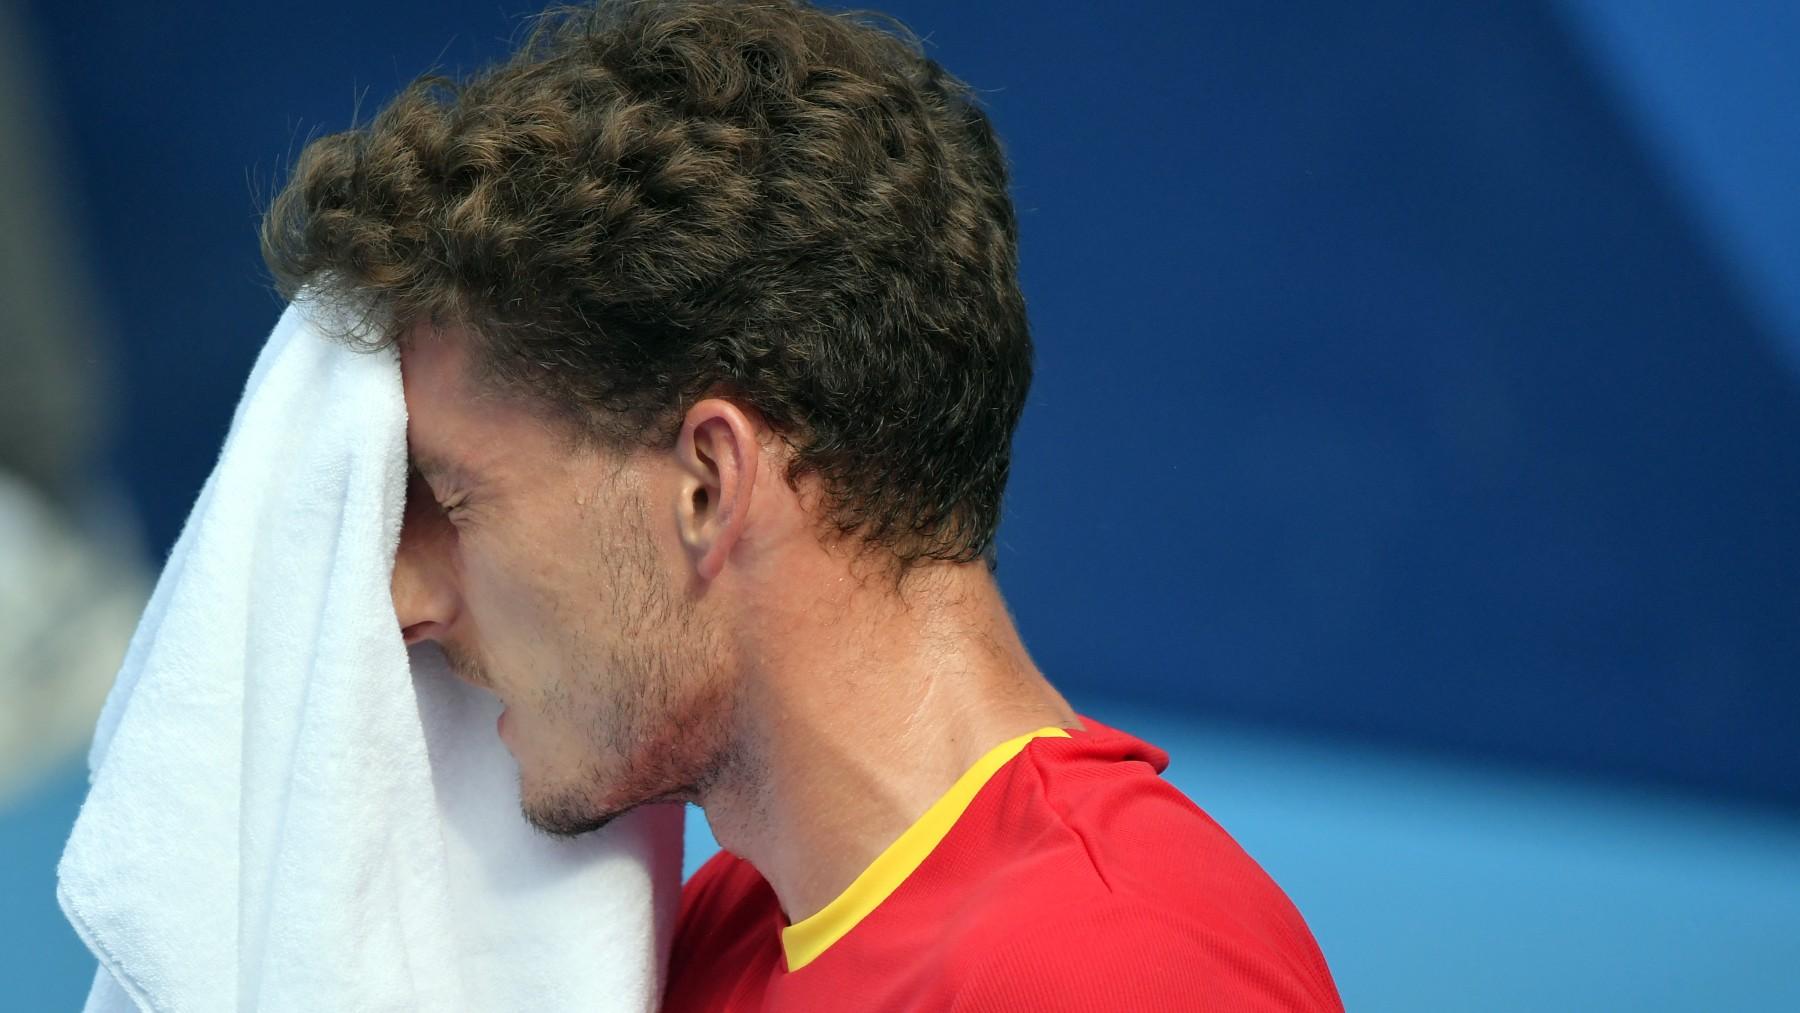 Carreño se seca con una toalla durante el partido. (AFP)